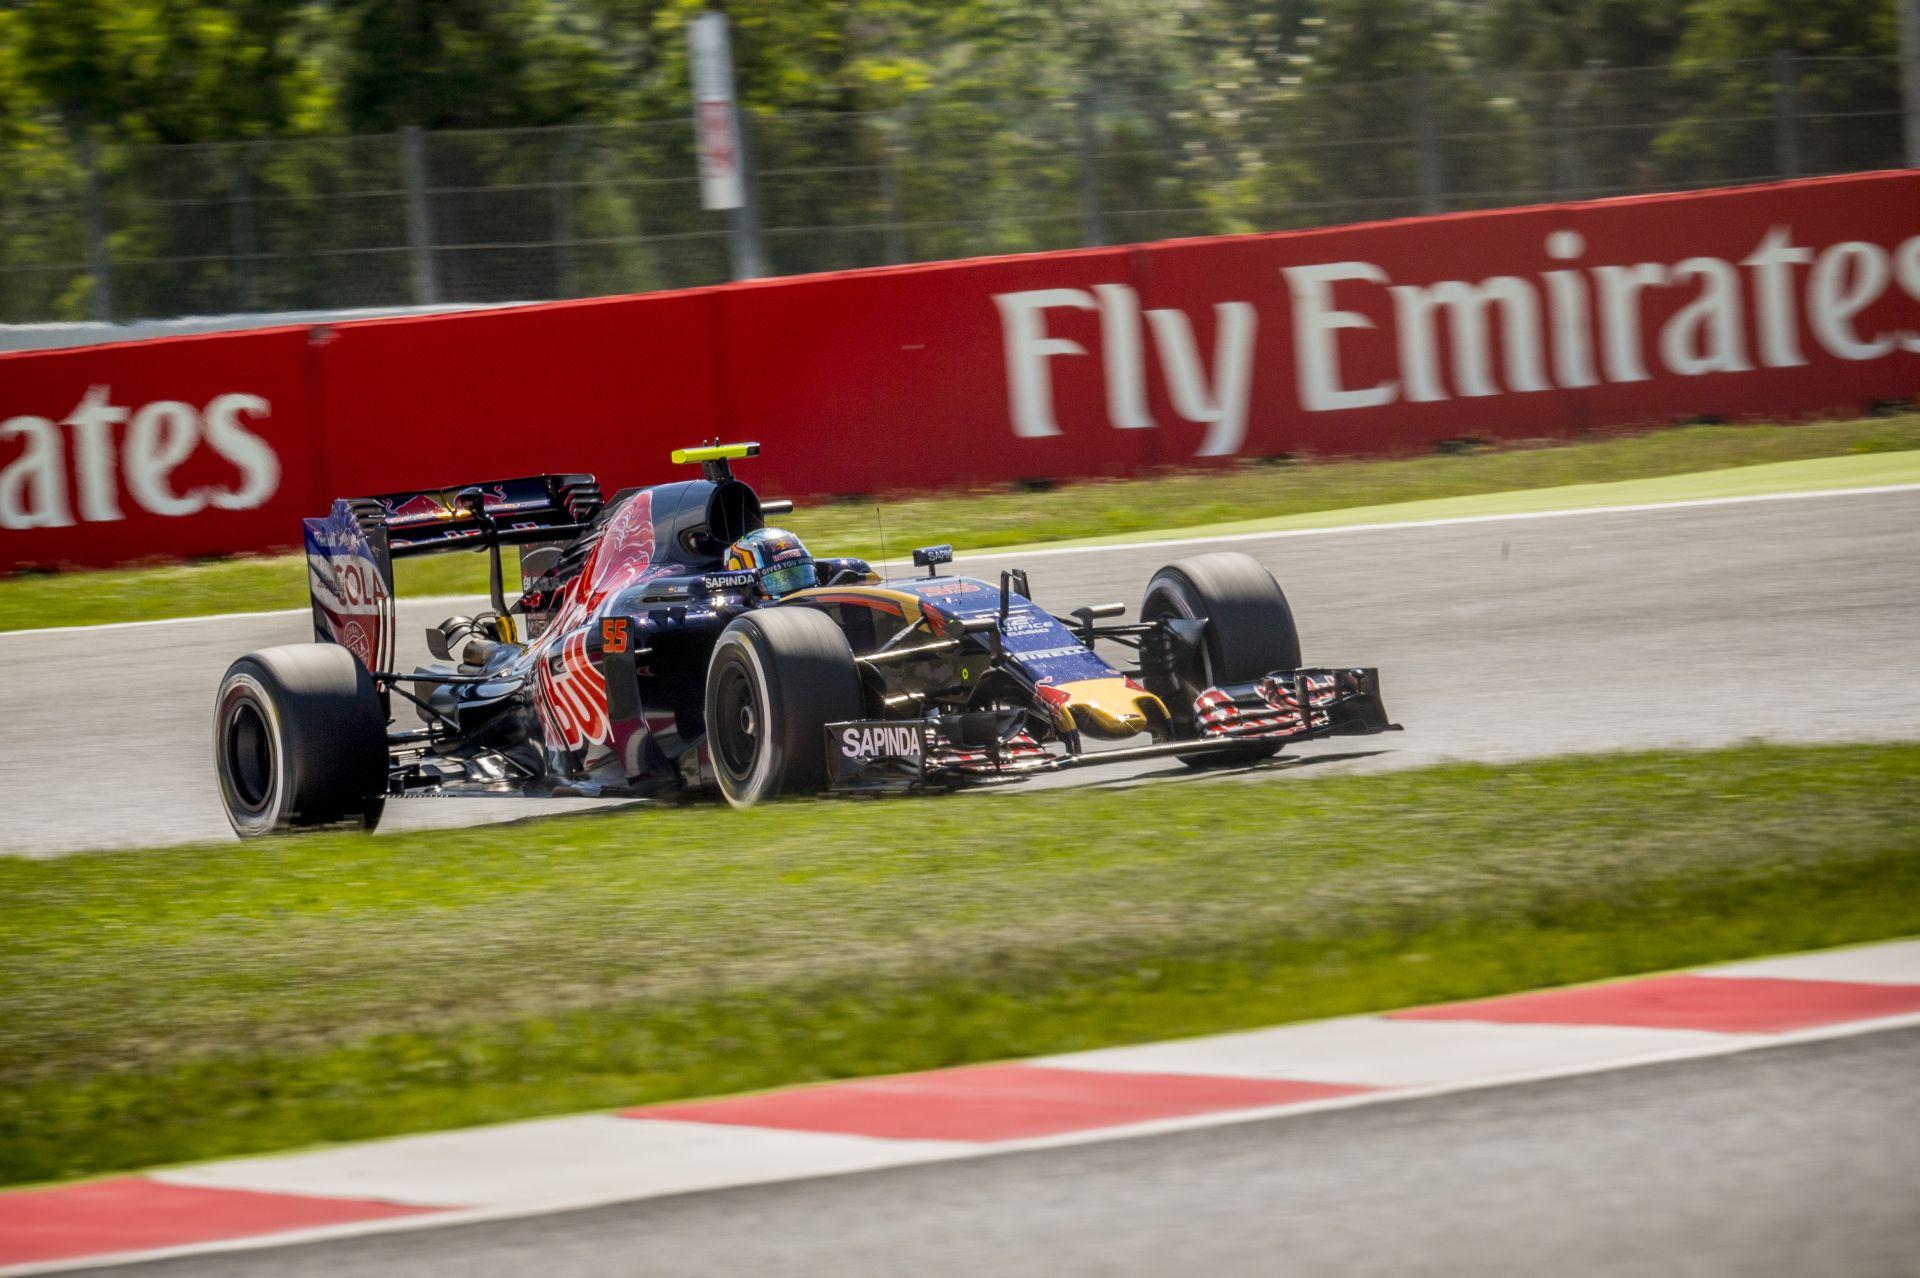 Sainz apja szerint a fia világbajnok lehet a Forma-1-ben és hamarosan lehetőséget kell kapnia a Red Bullnál